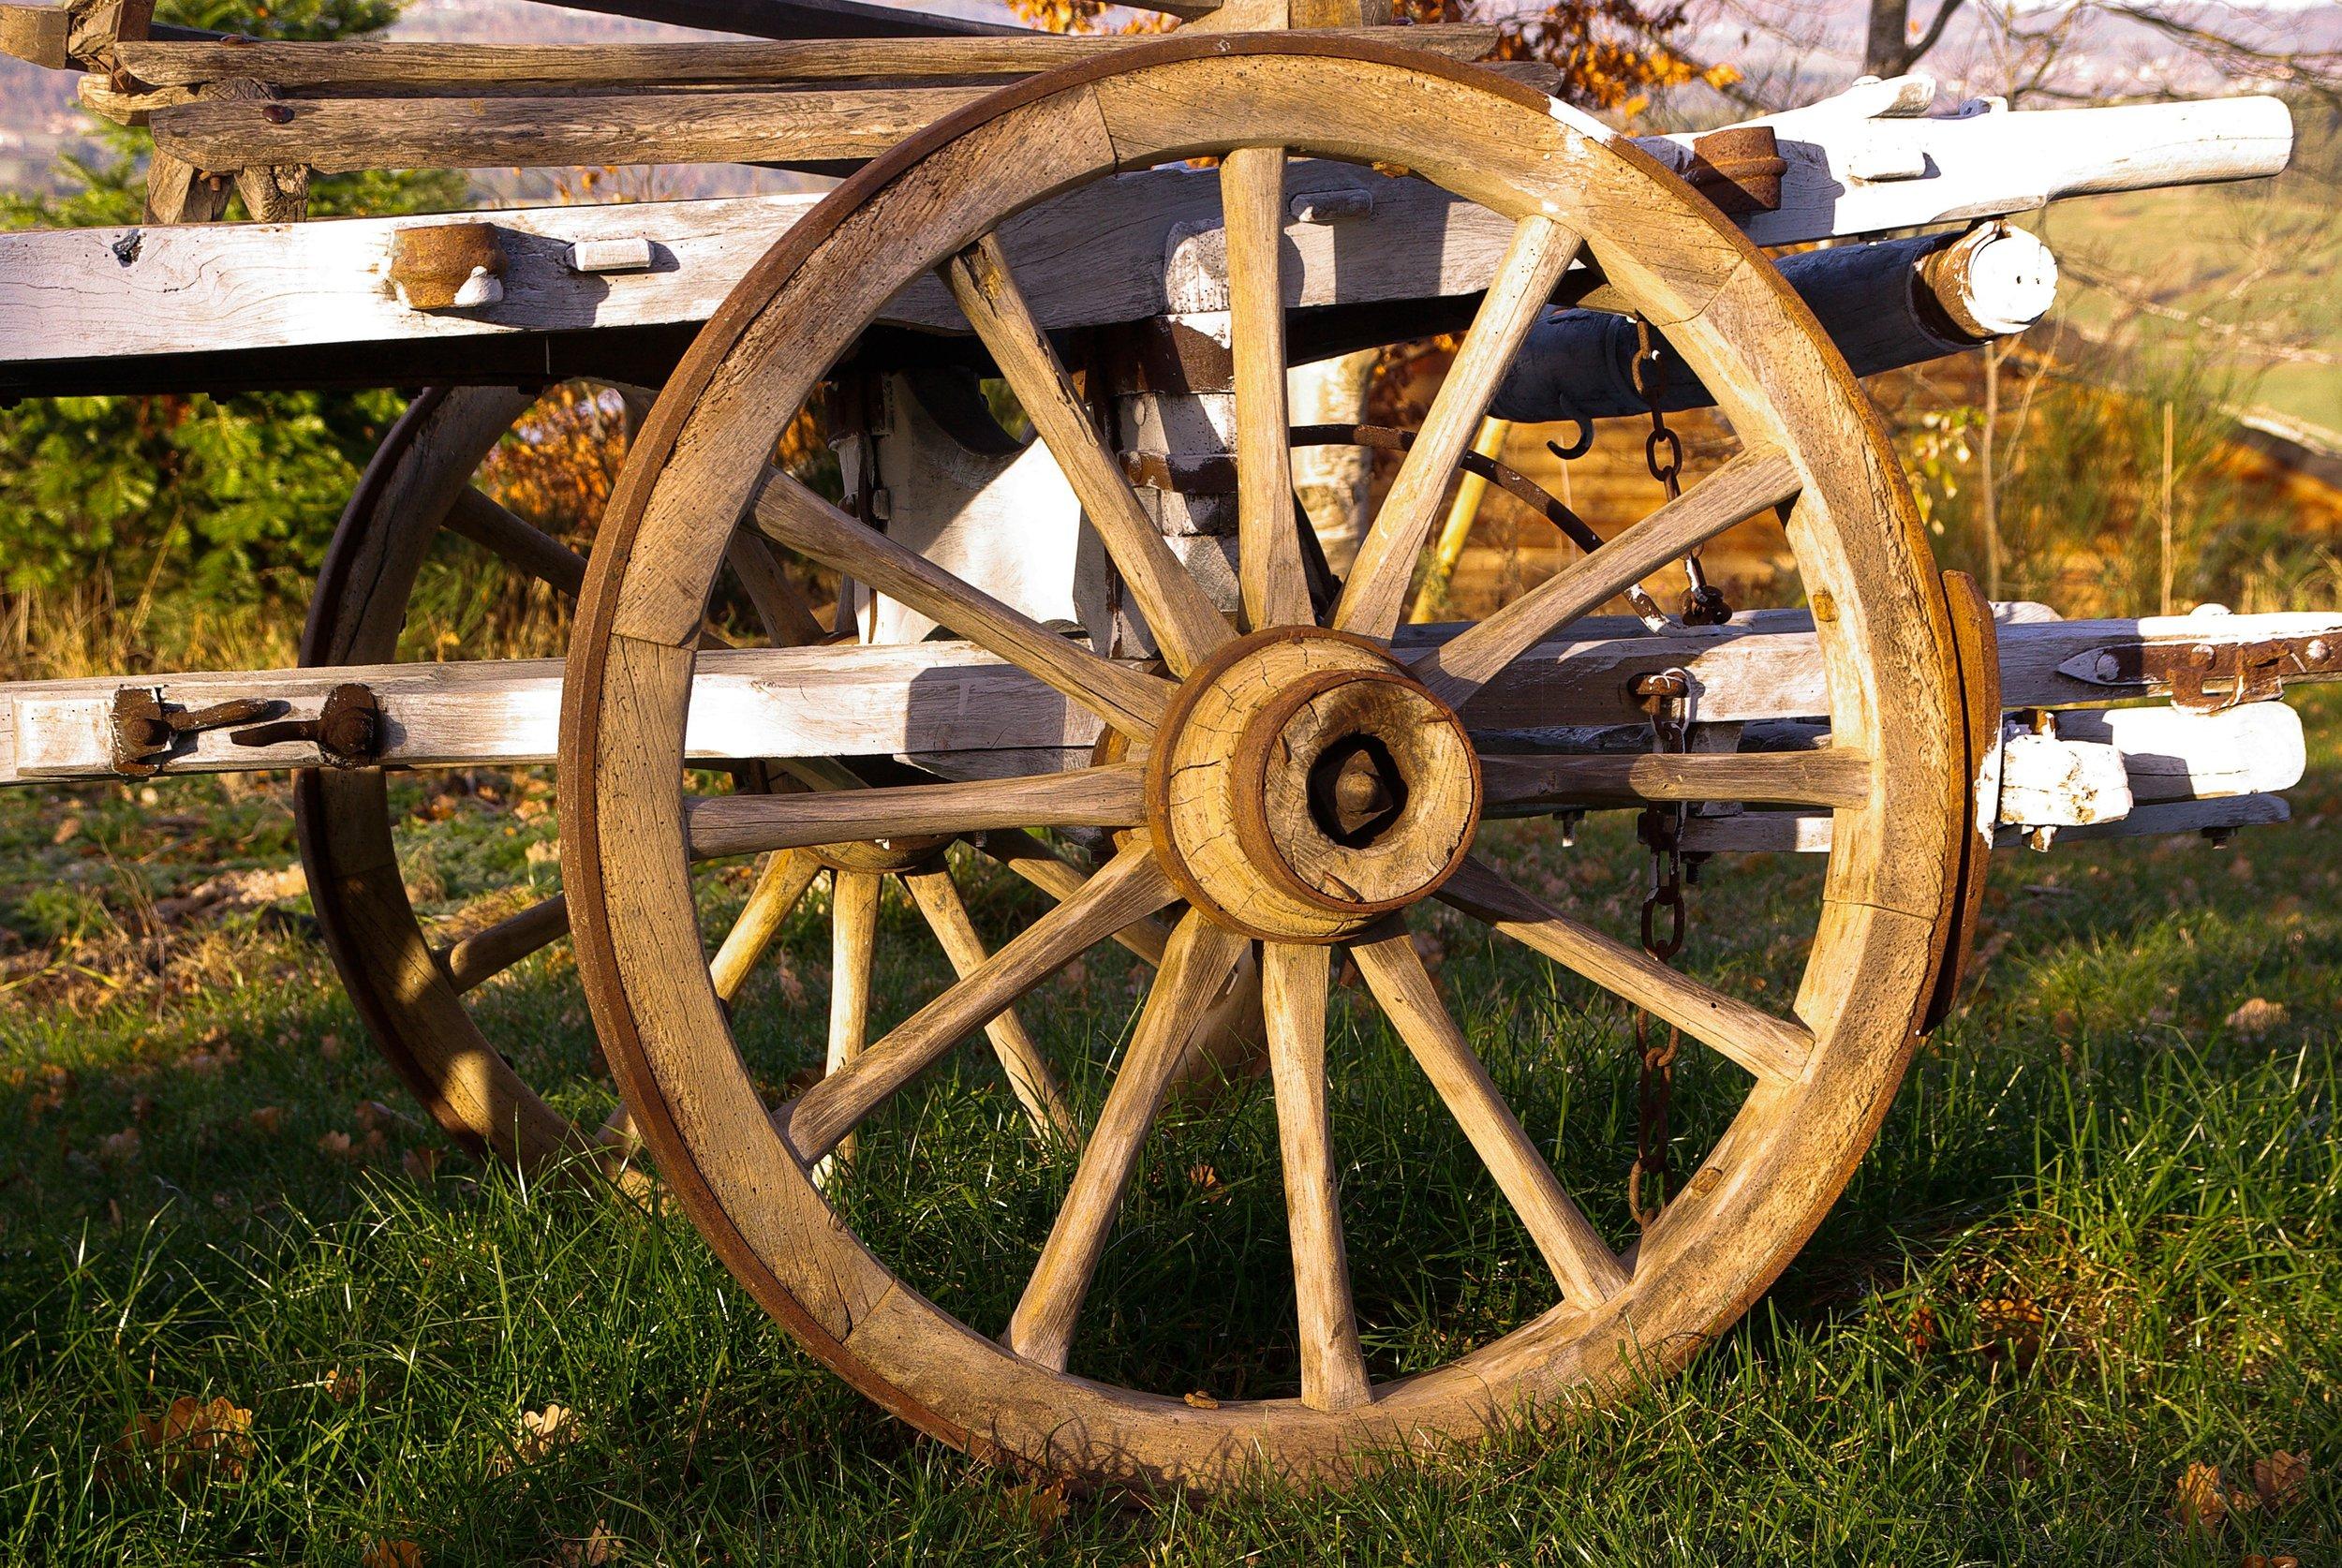 Edmonton Doula Prairie Gardens Wagon